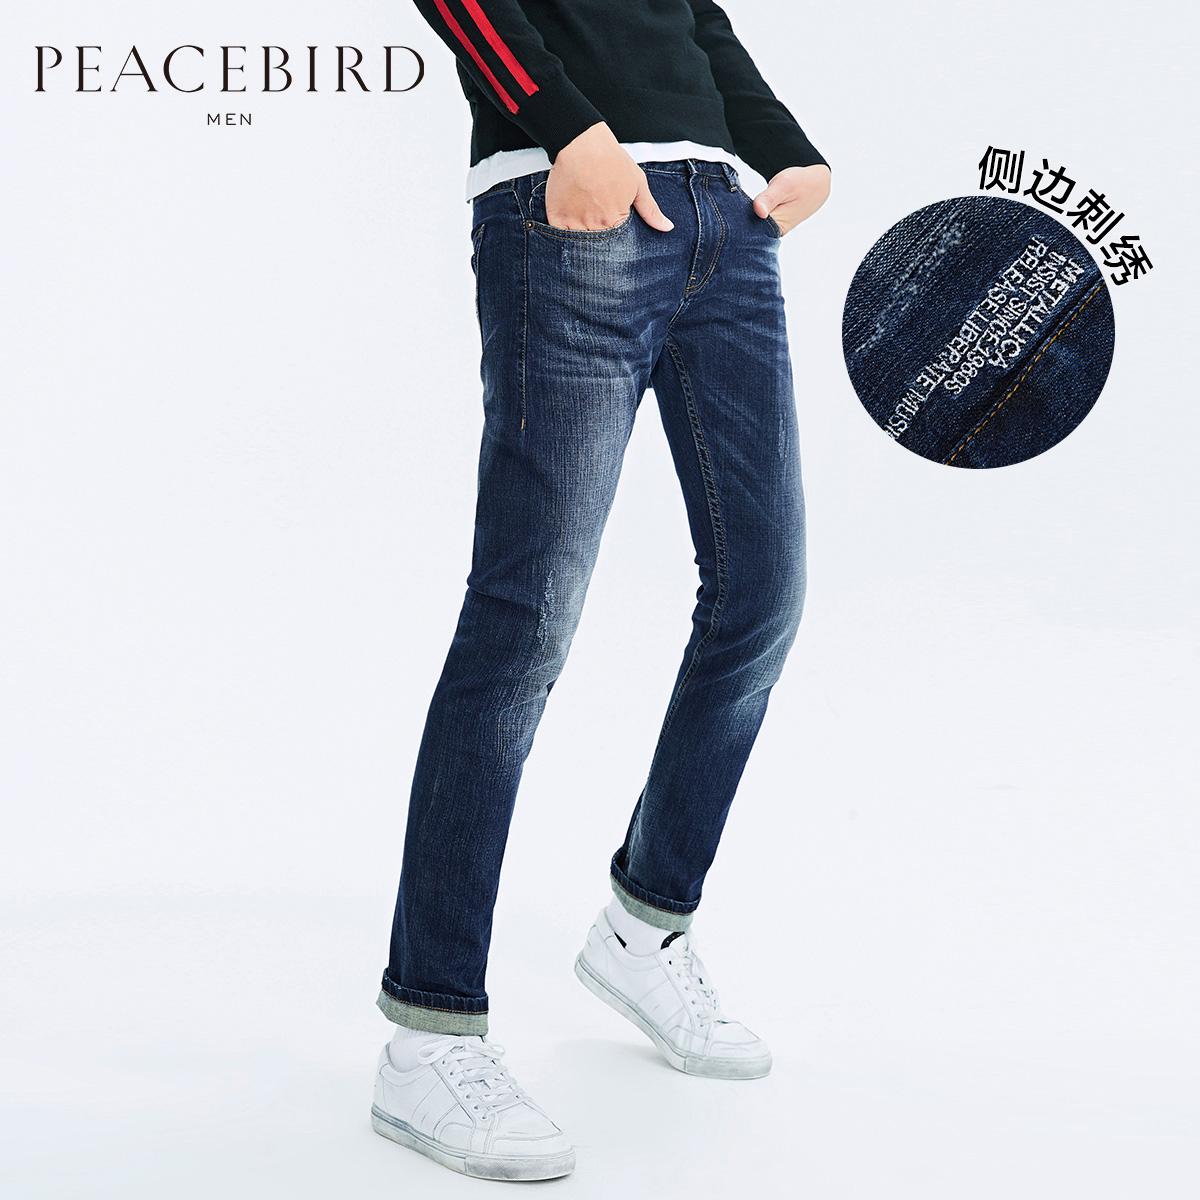 太平鸟男装 2018春季亚博线上开户牛仔裤男士刺绣牛仔裤修身赤耳丹宁长裤